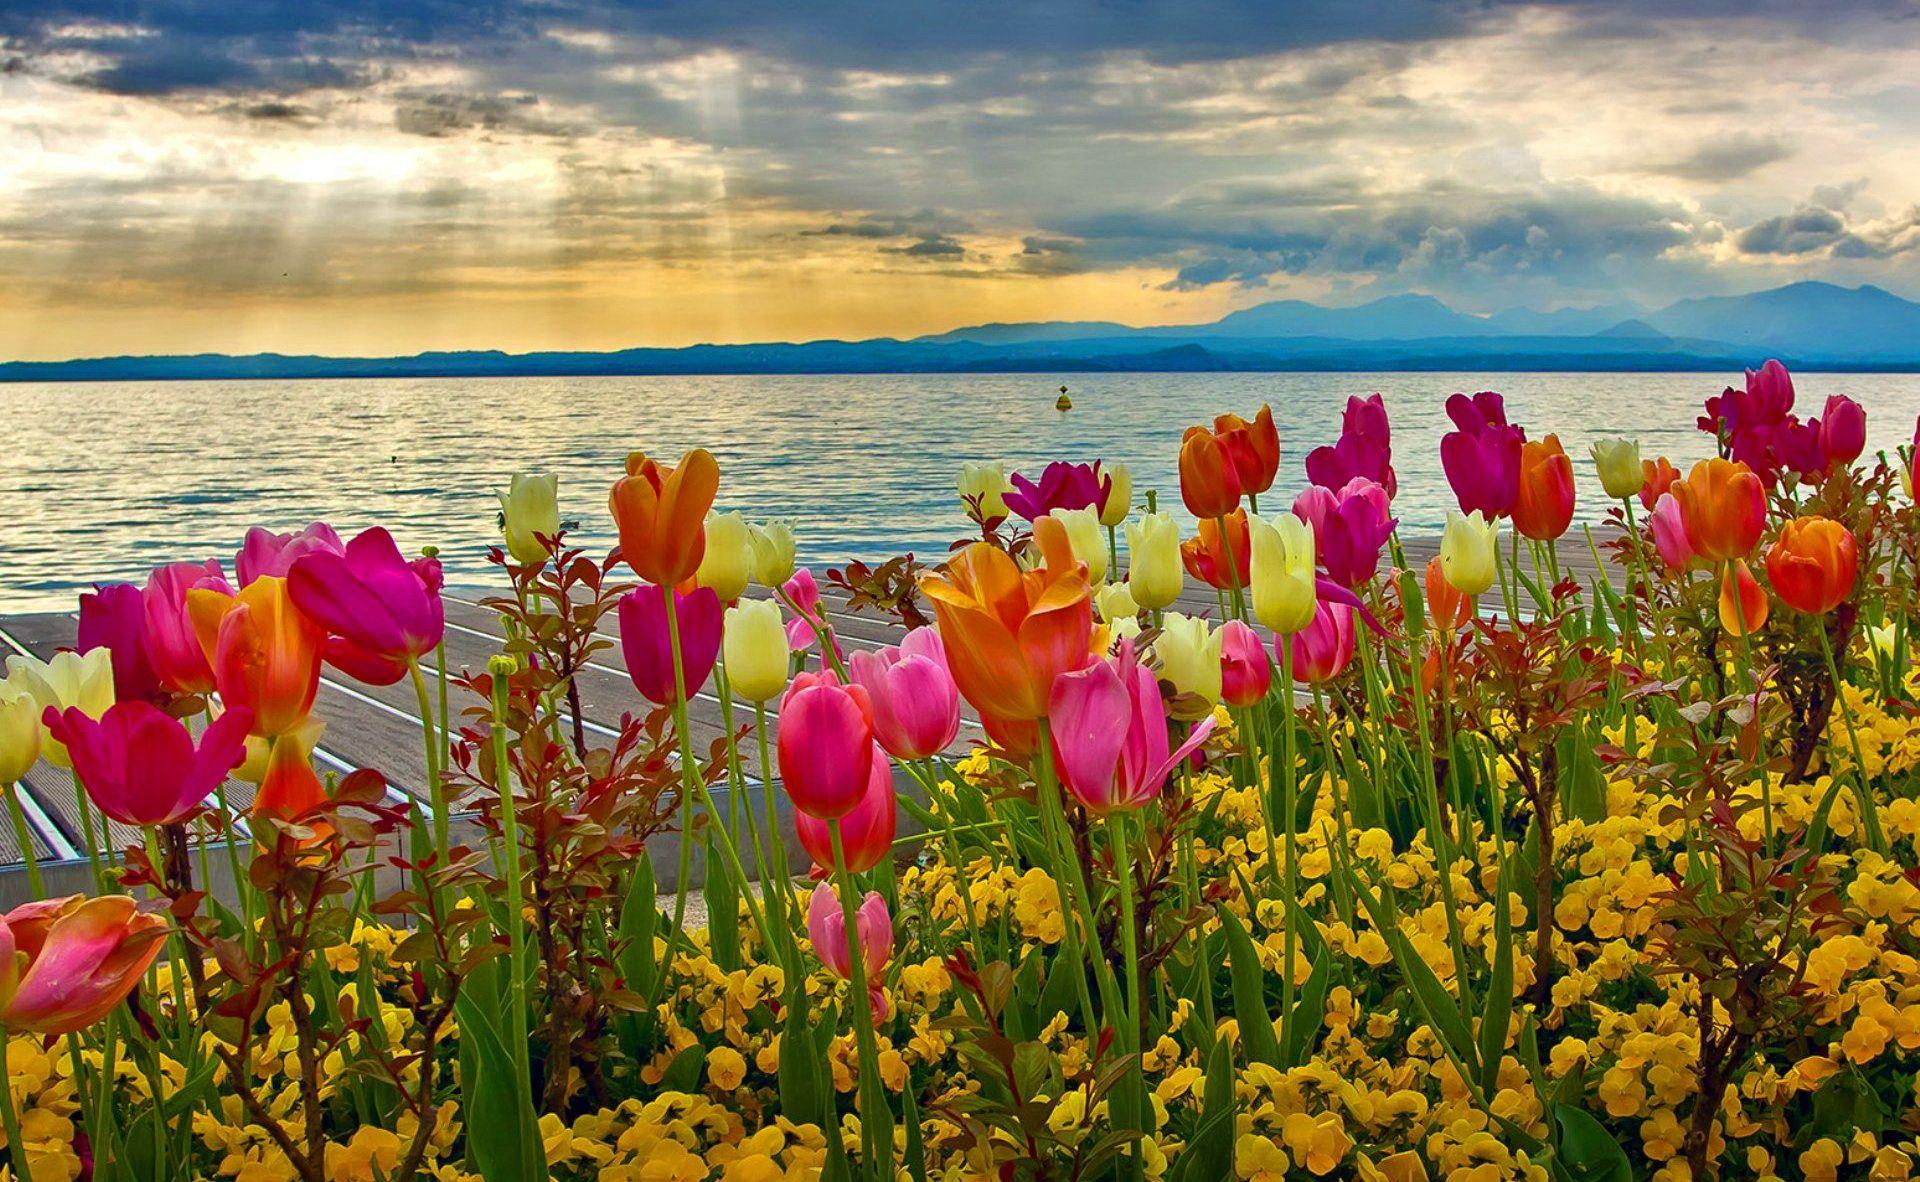 beautiful spring season wallpapers Kauniita taustakuvia